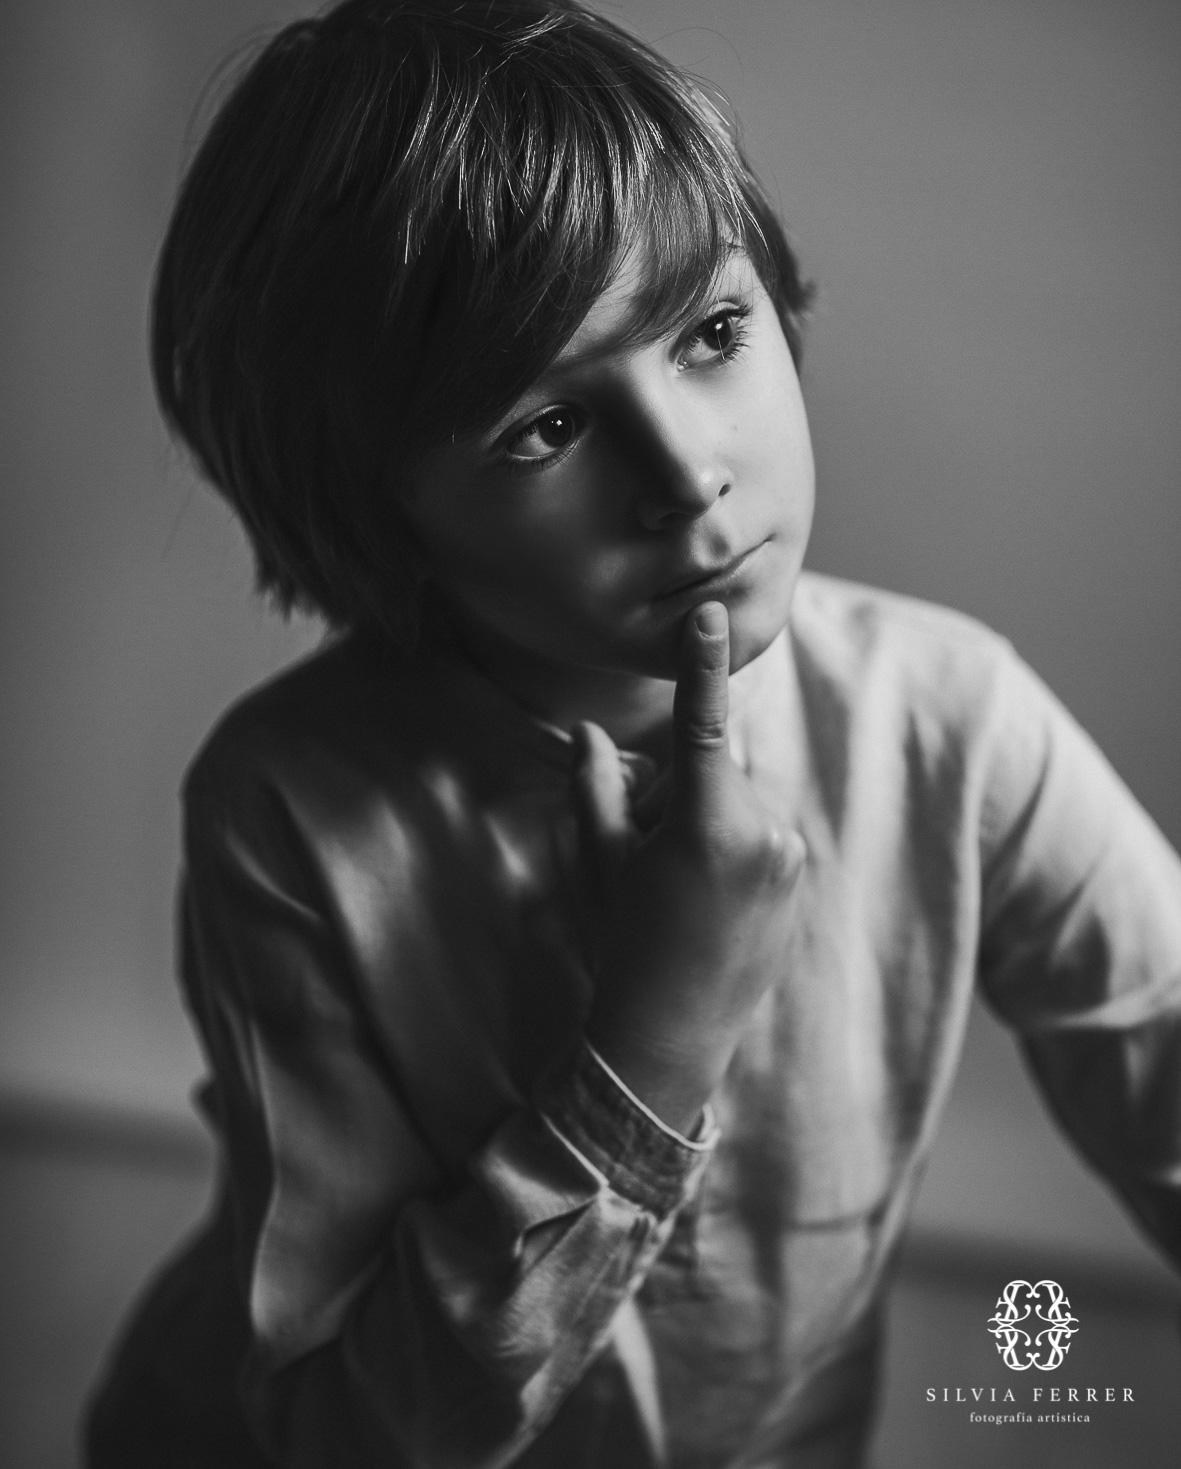 niño pensando retrato blanco y negro